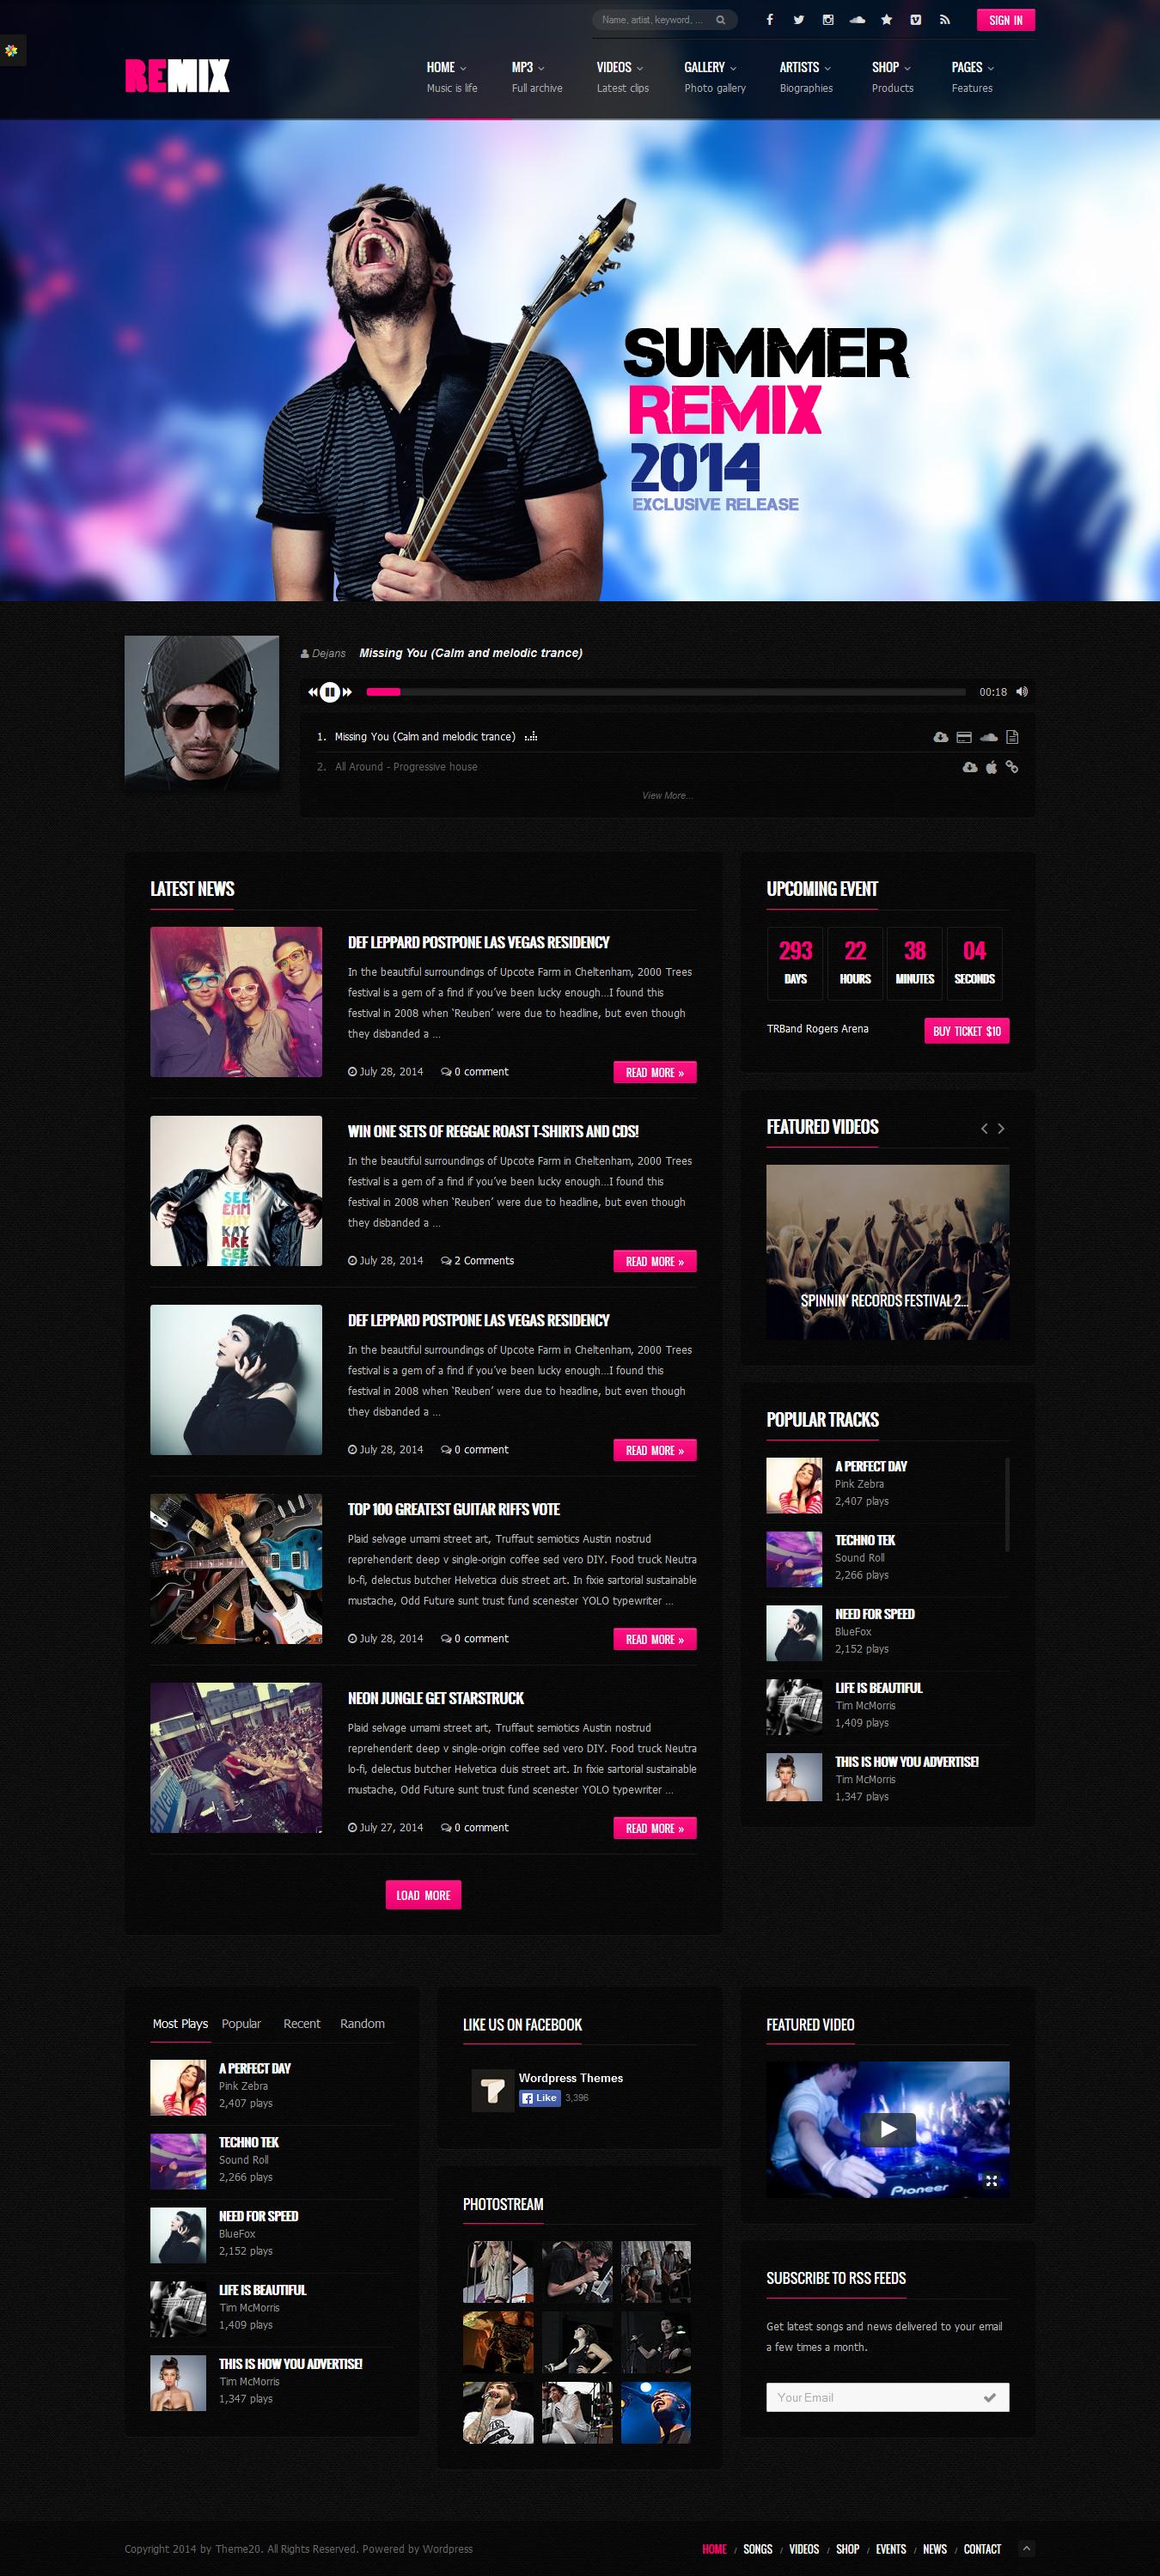 Do intervew on my trending music blog